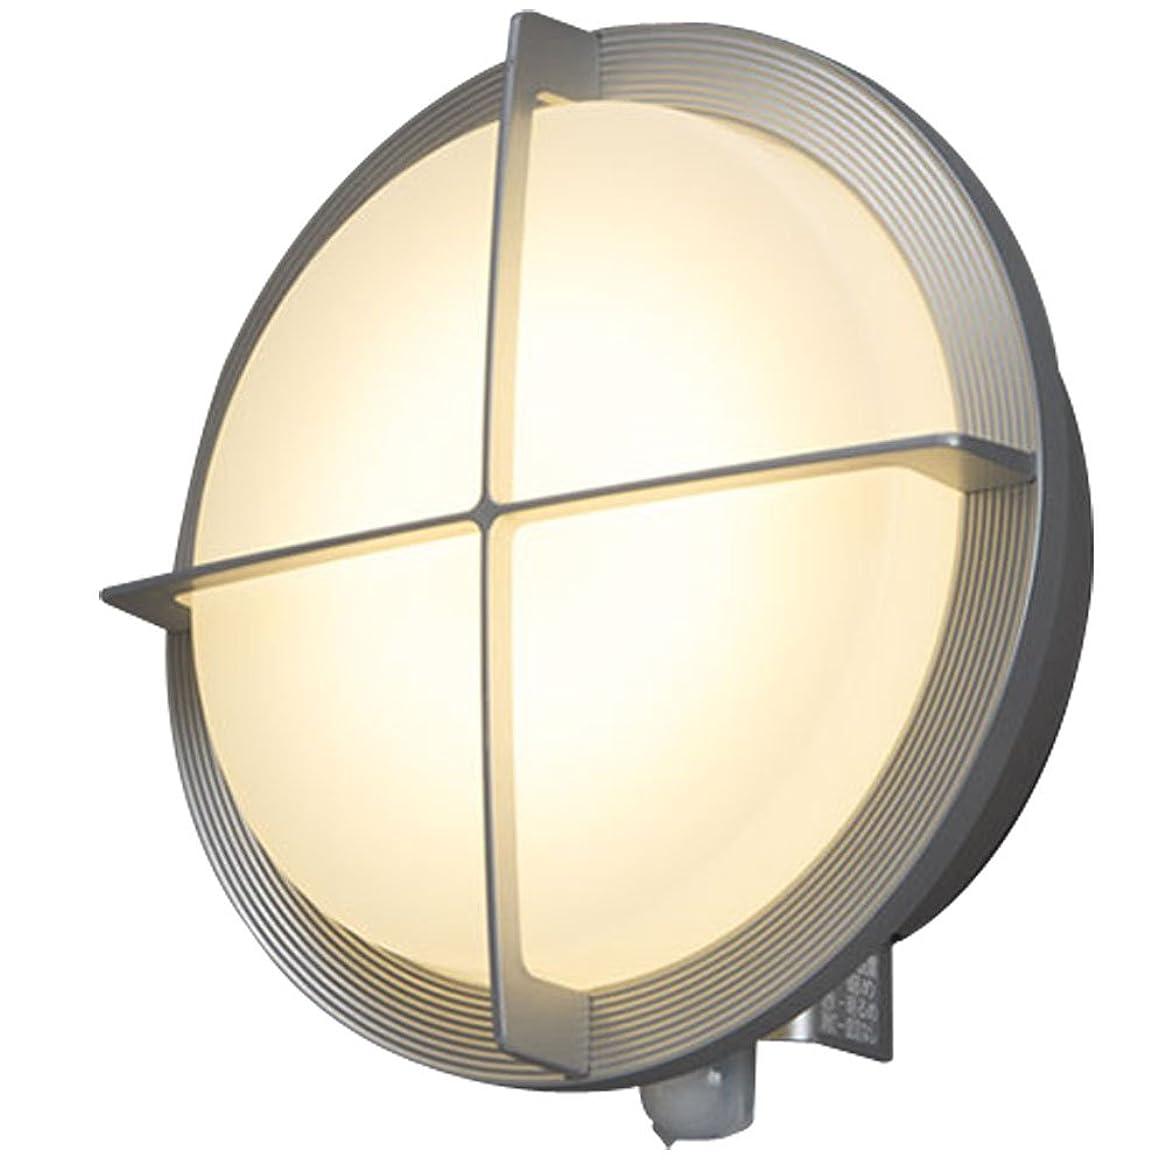 鍔不誠実エクステントアイリスオーヤマ LEDポーチ灯 人感センサー付き シルバー 電気工事必要 IRBR5N-CIGRS-MSBS-P